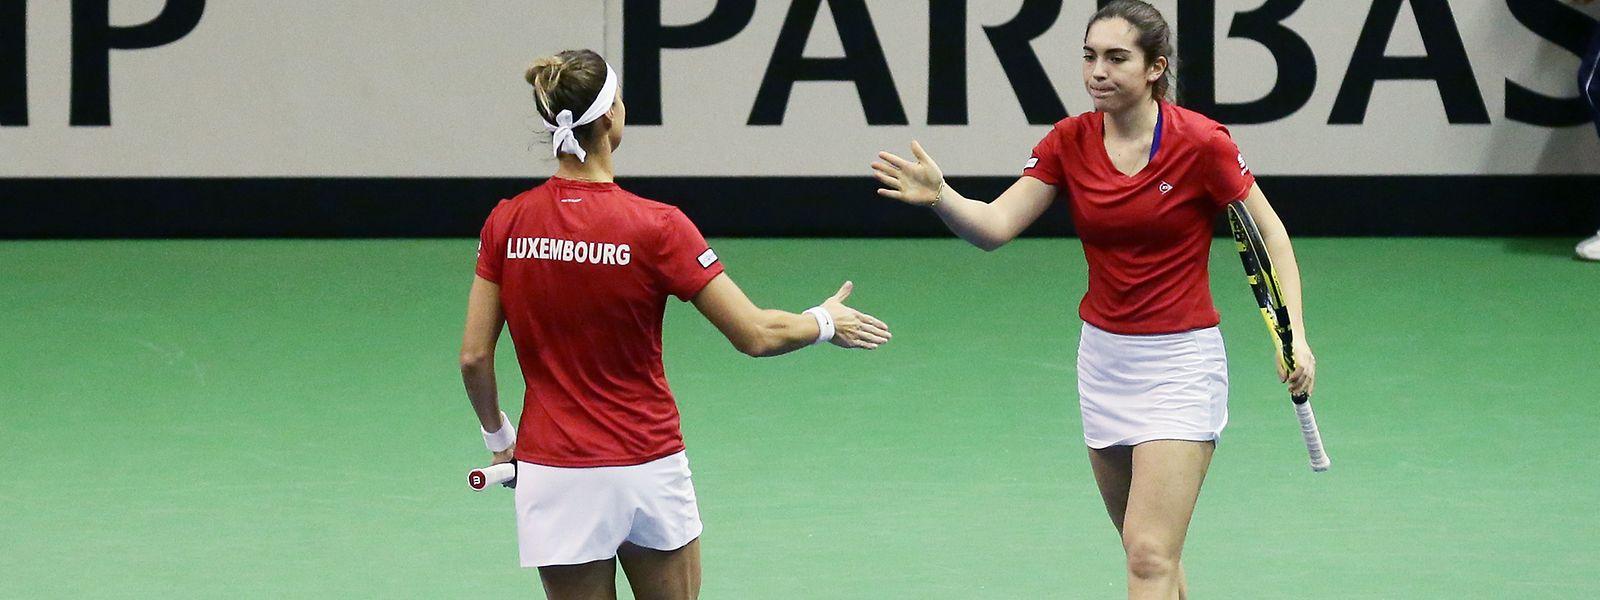 Eléonora Molinaro, hier mit Mandy Minella (l.), trifft im Fed-Cup auf starke Konkurrenz.